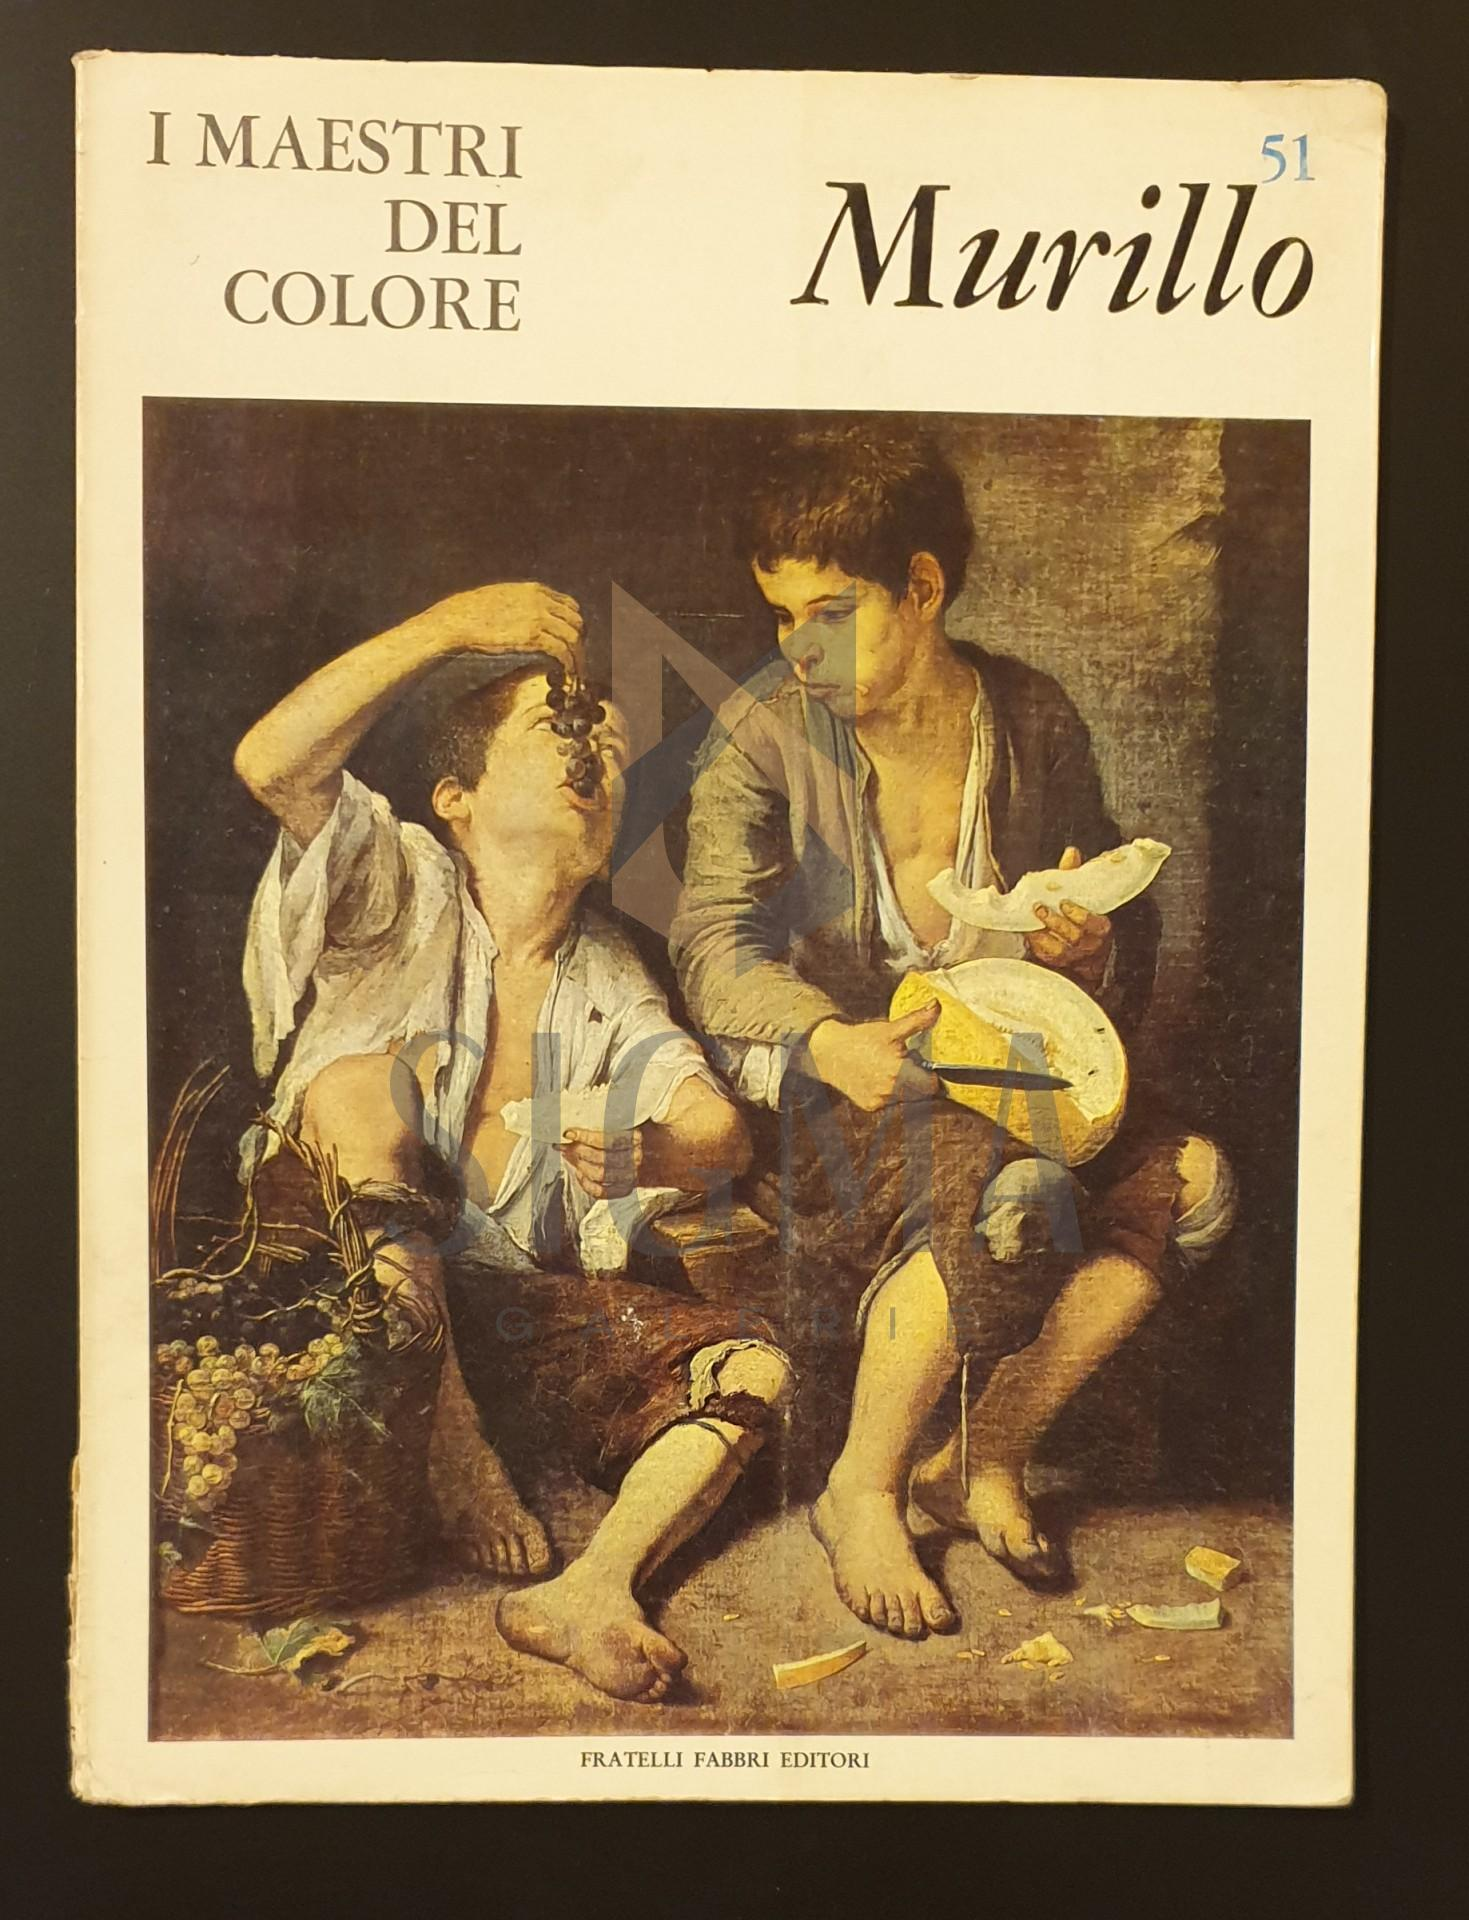 I Maestri del colore  *  Murillo